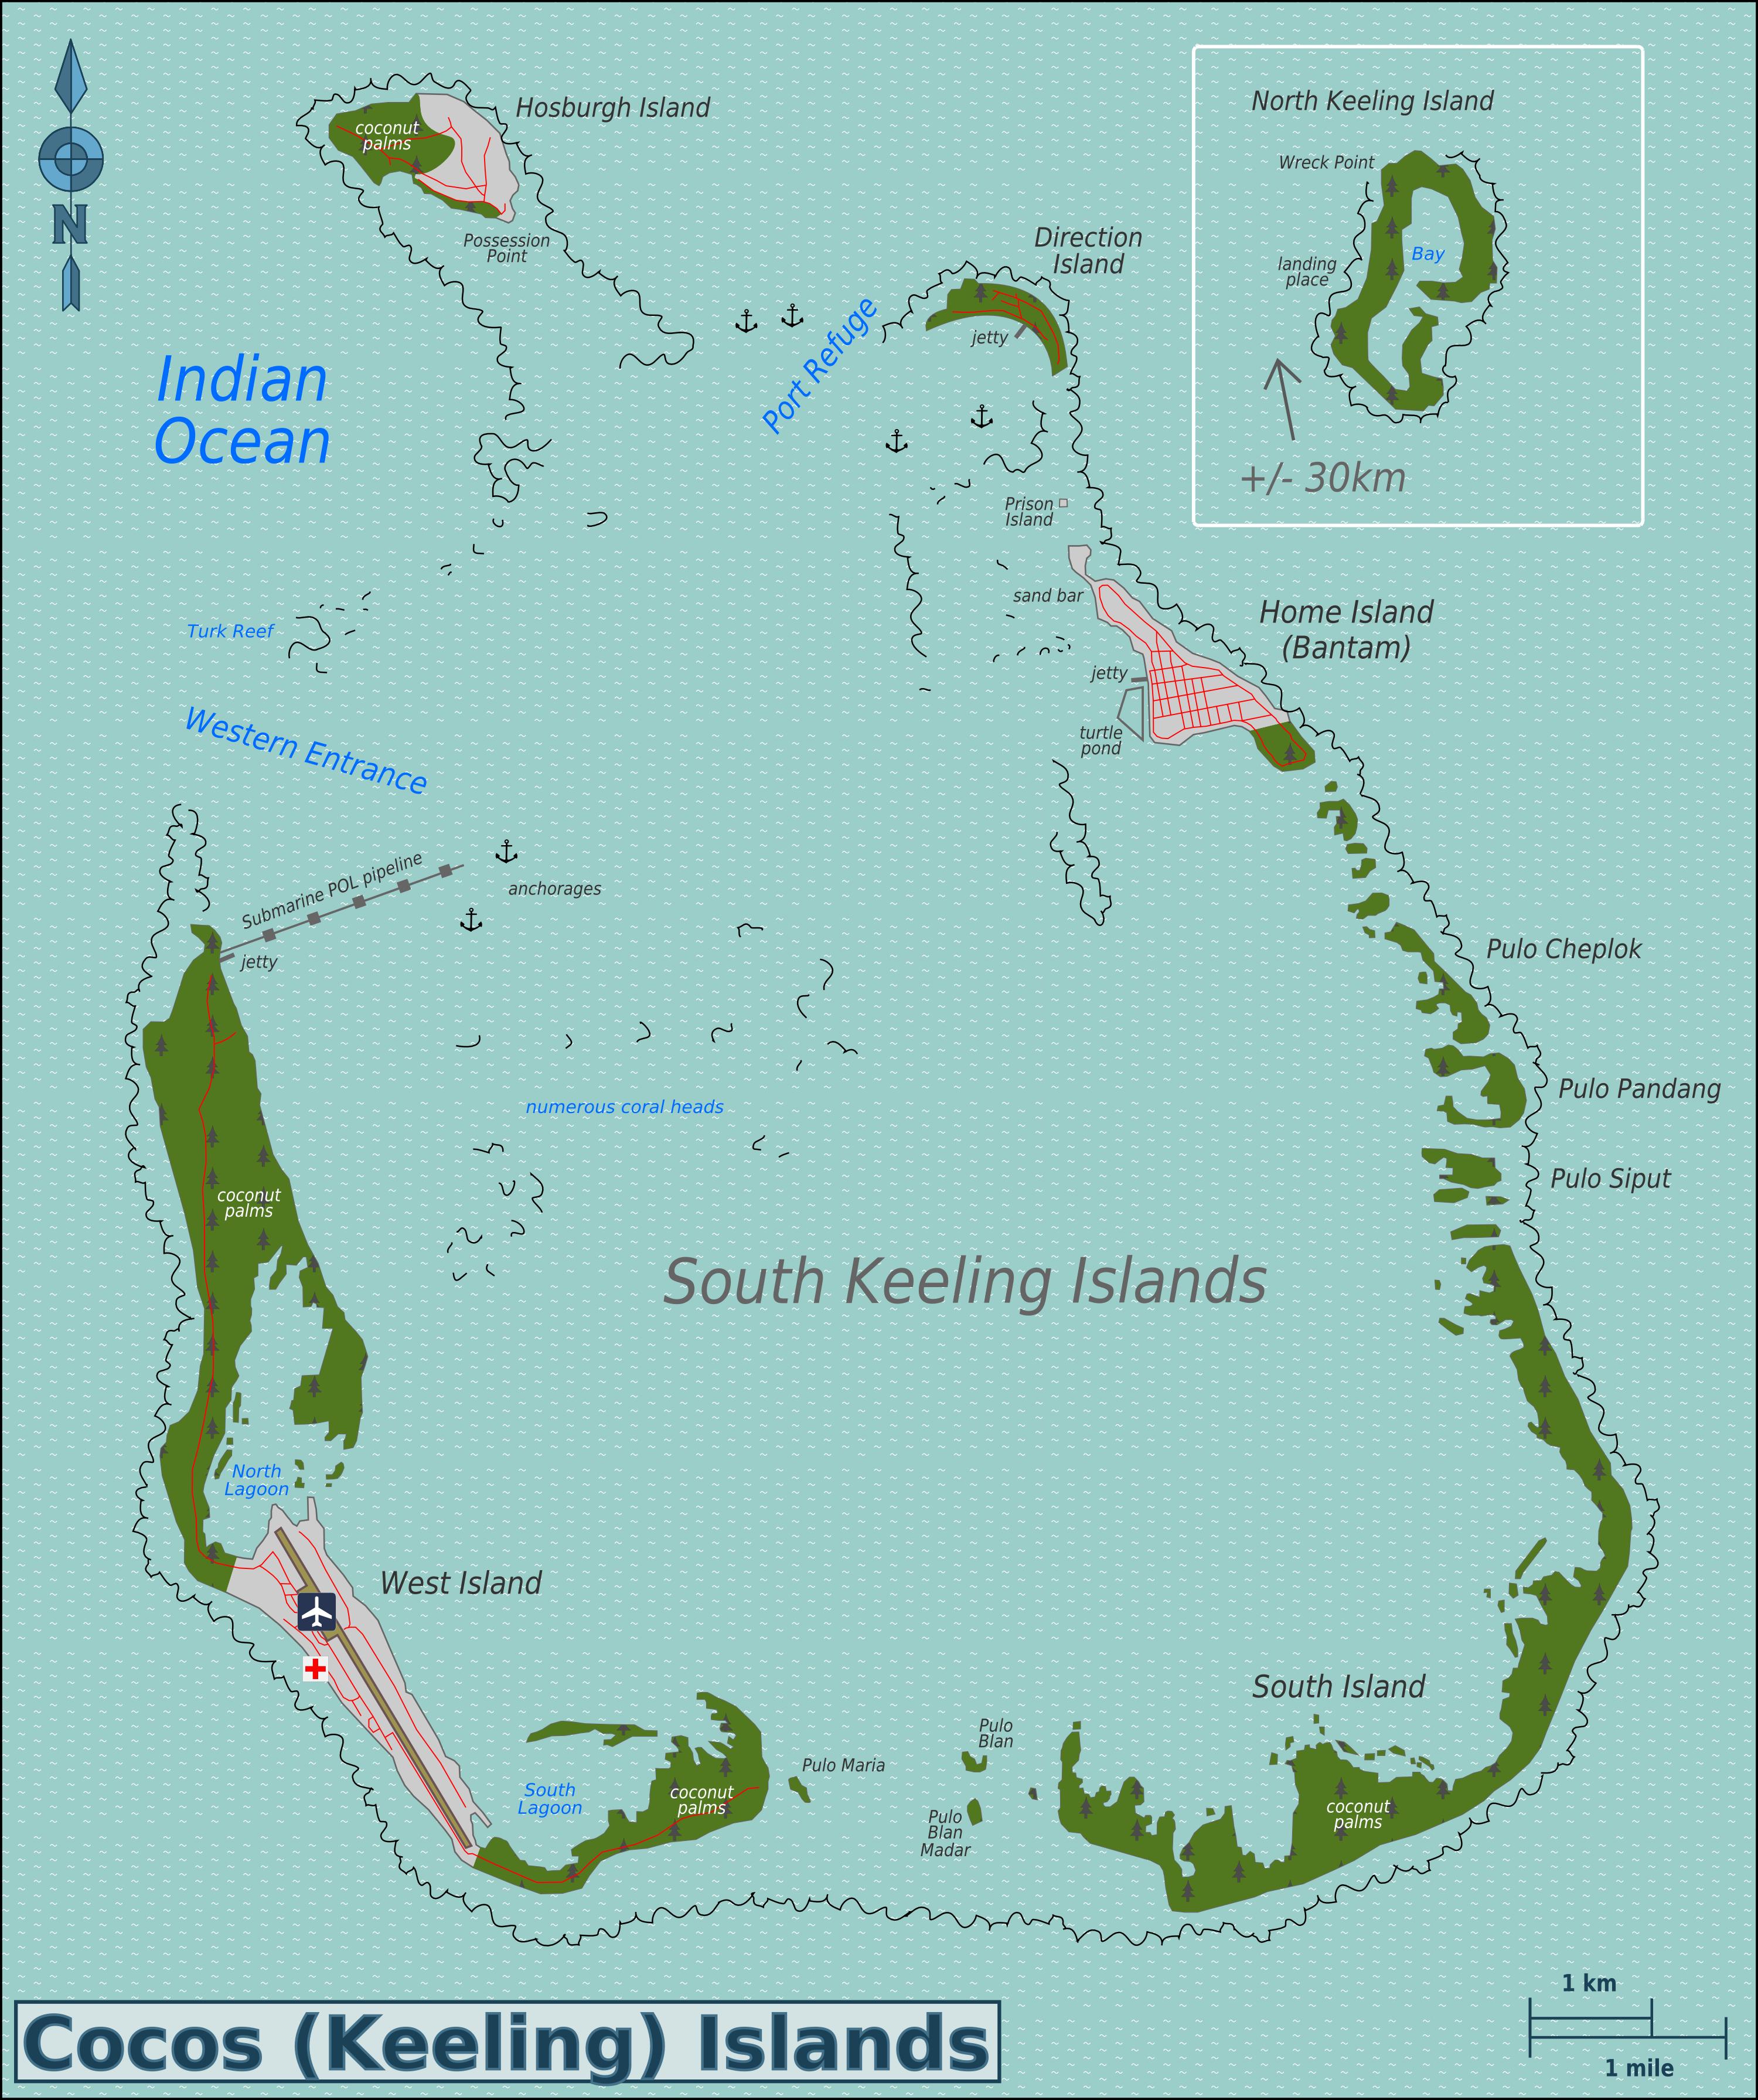 Cocos Island: Cocos (Keeling) Islands #69 (1981)